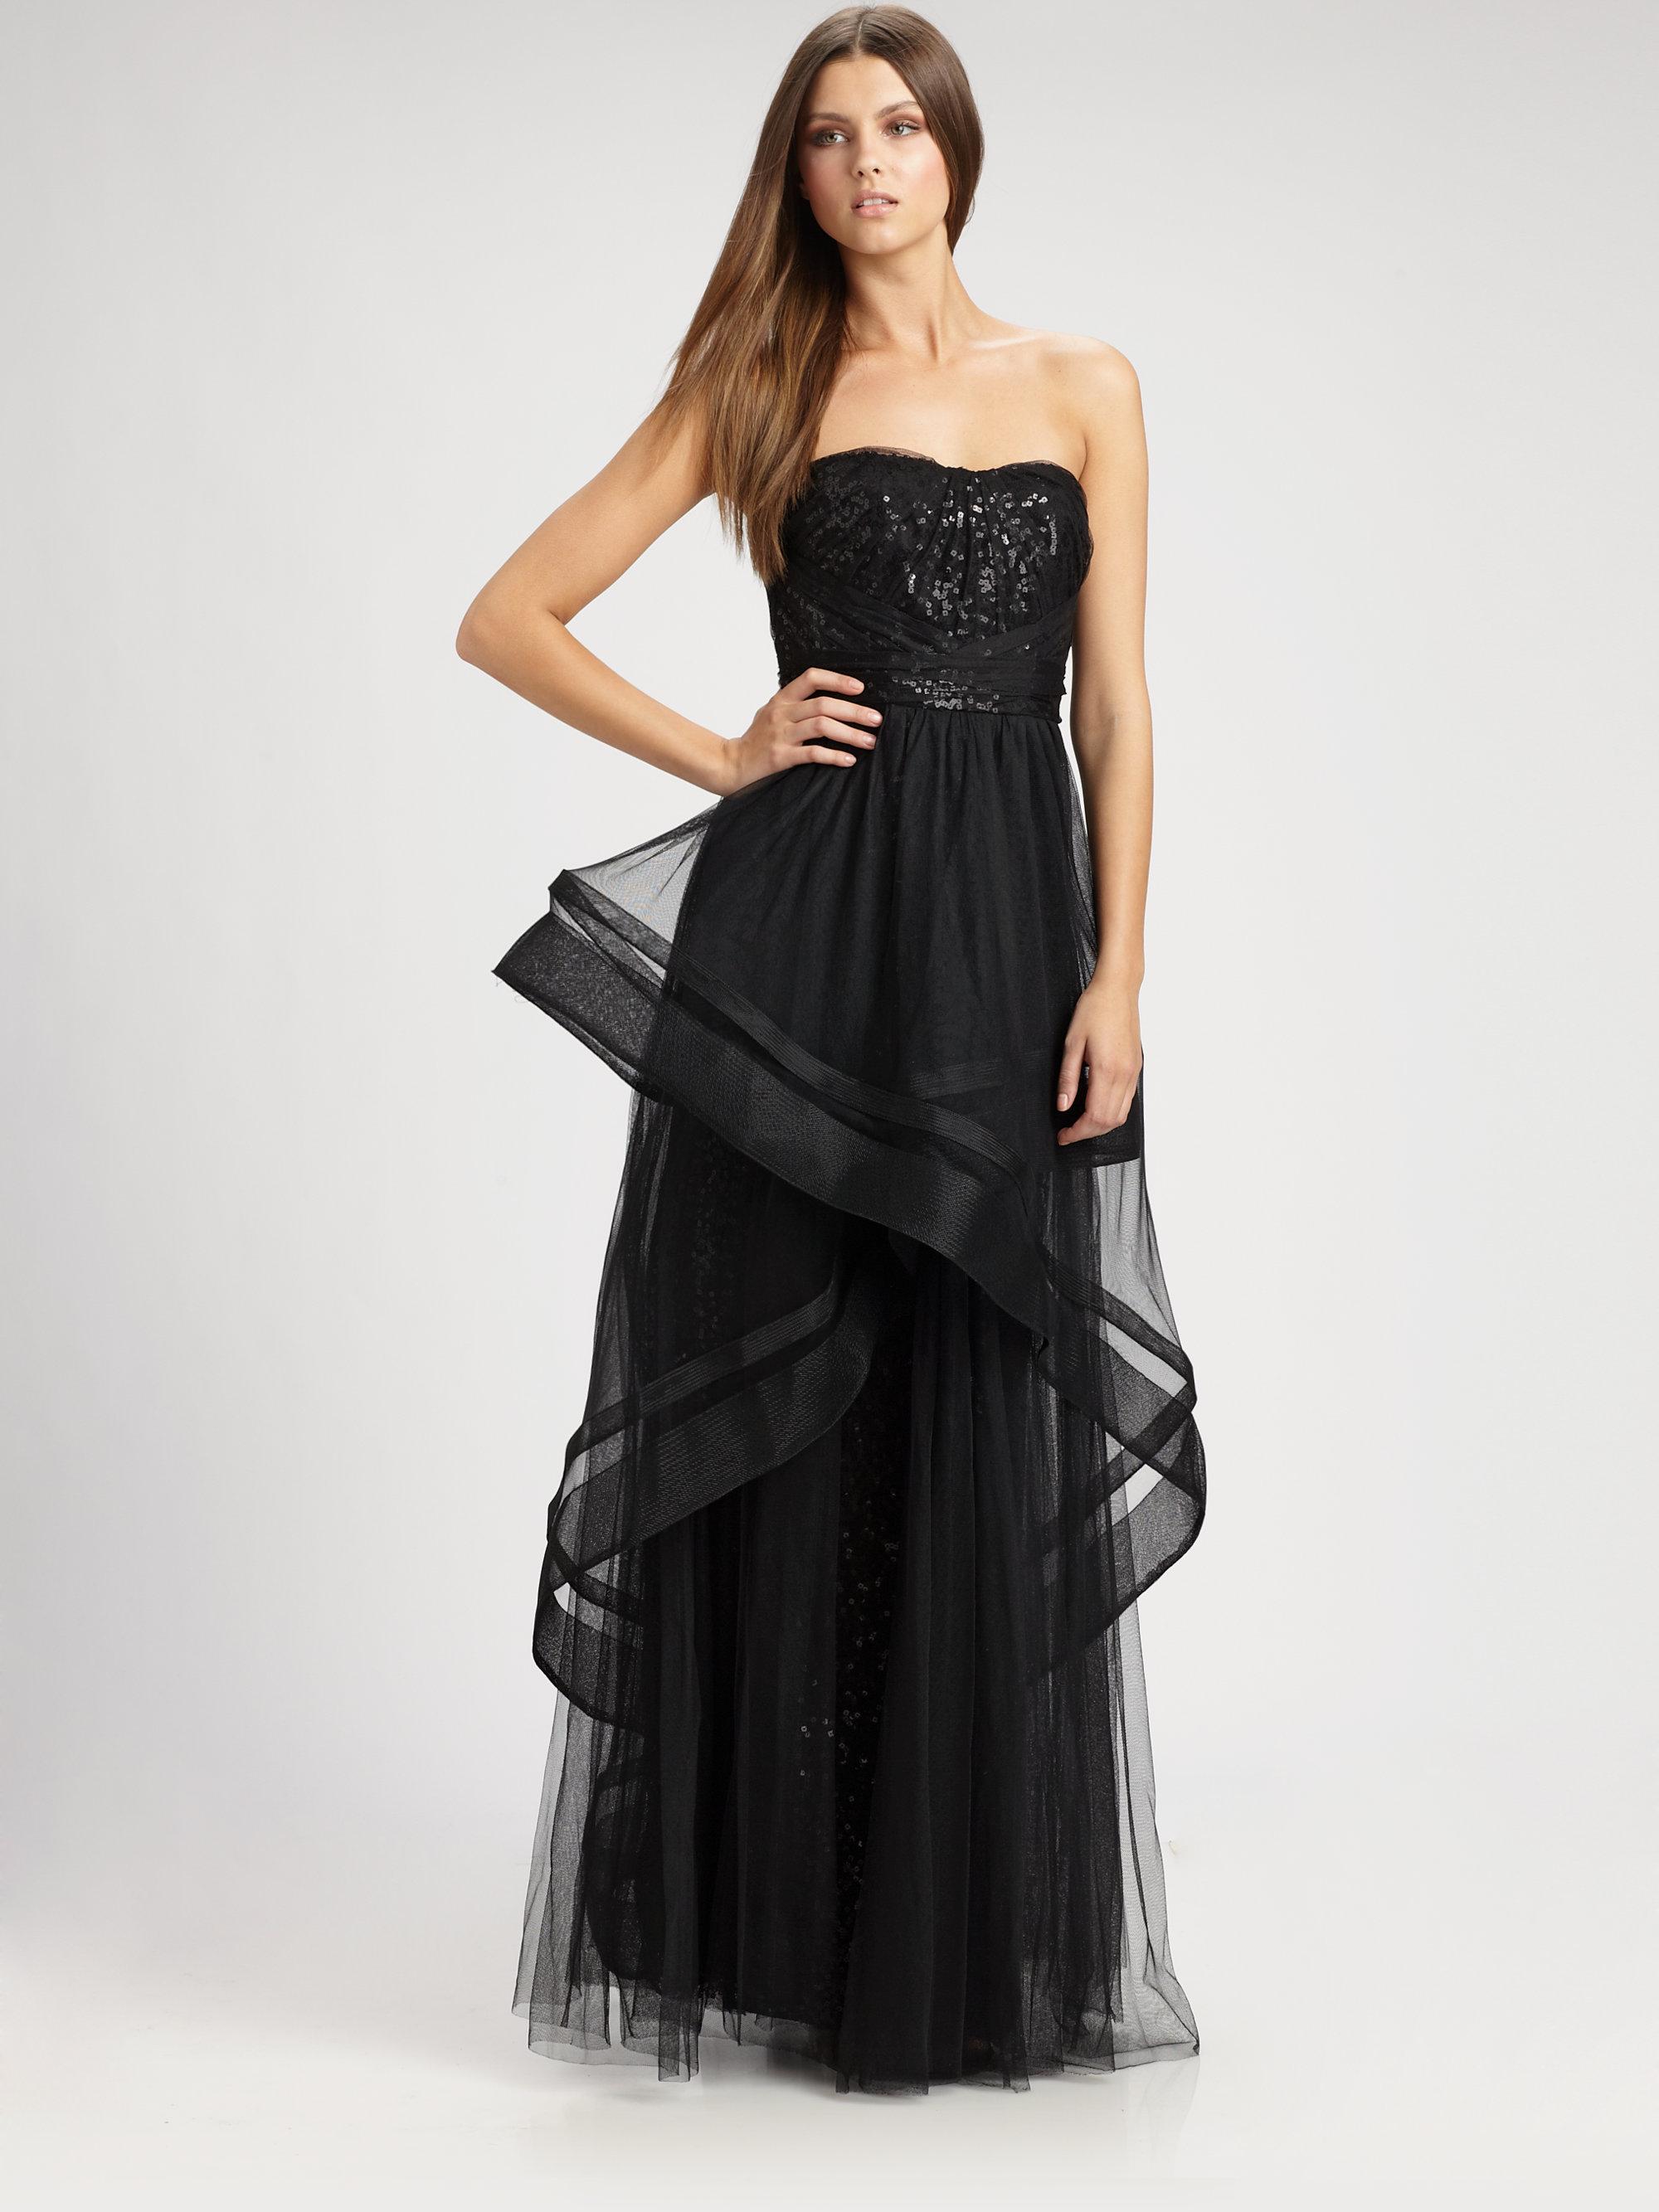 Monique Lhuillier Black Dress | Weddings Dresses